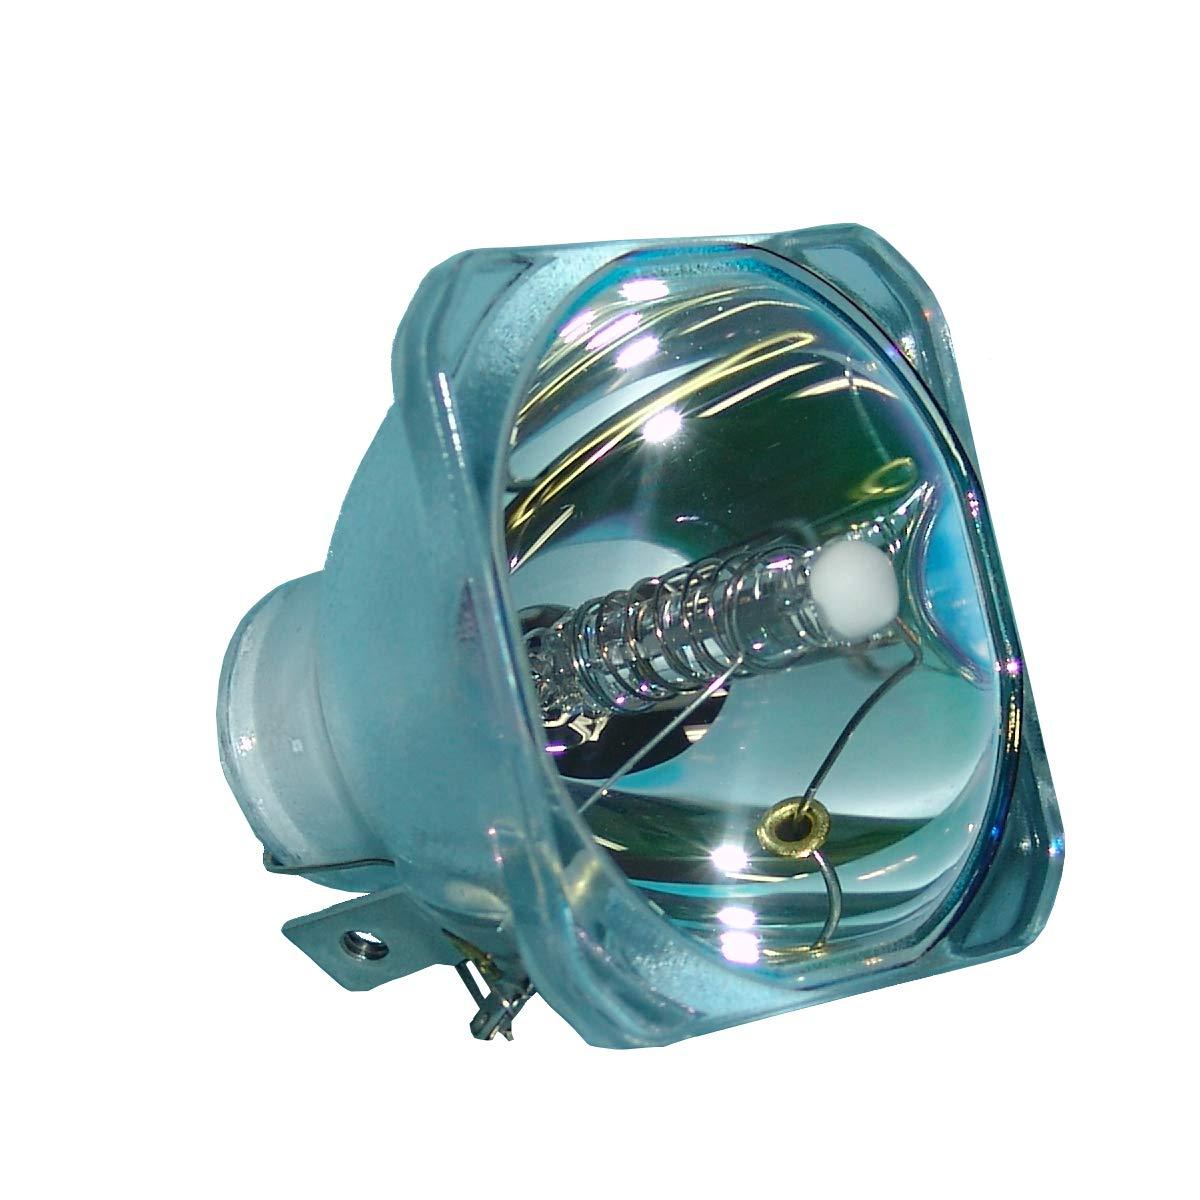 LucentBulb InFocus SP-LAMP-003ランプ専用   B07P5JCM42